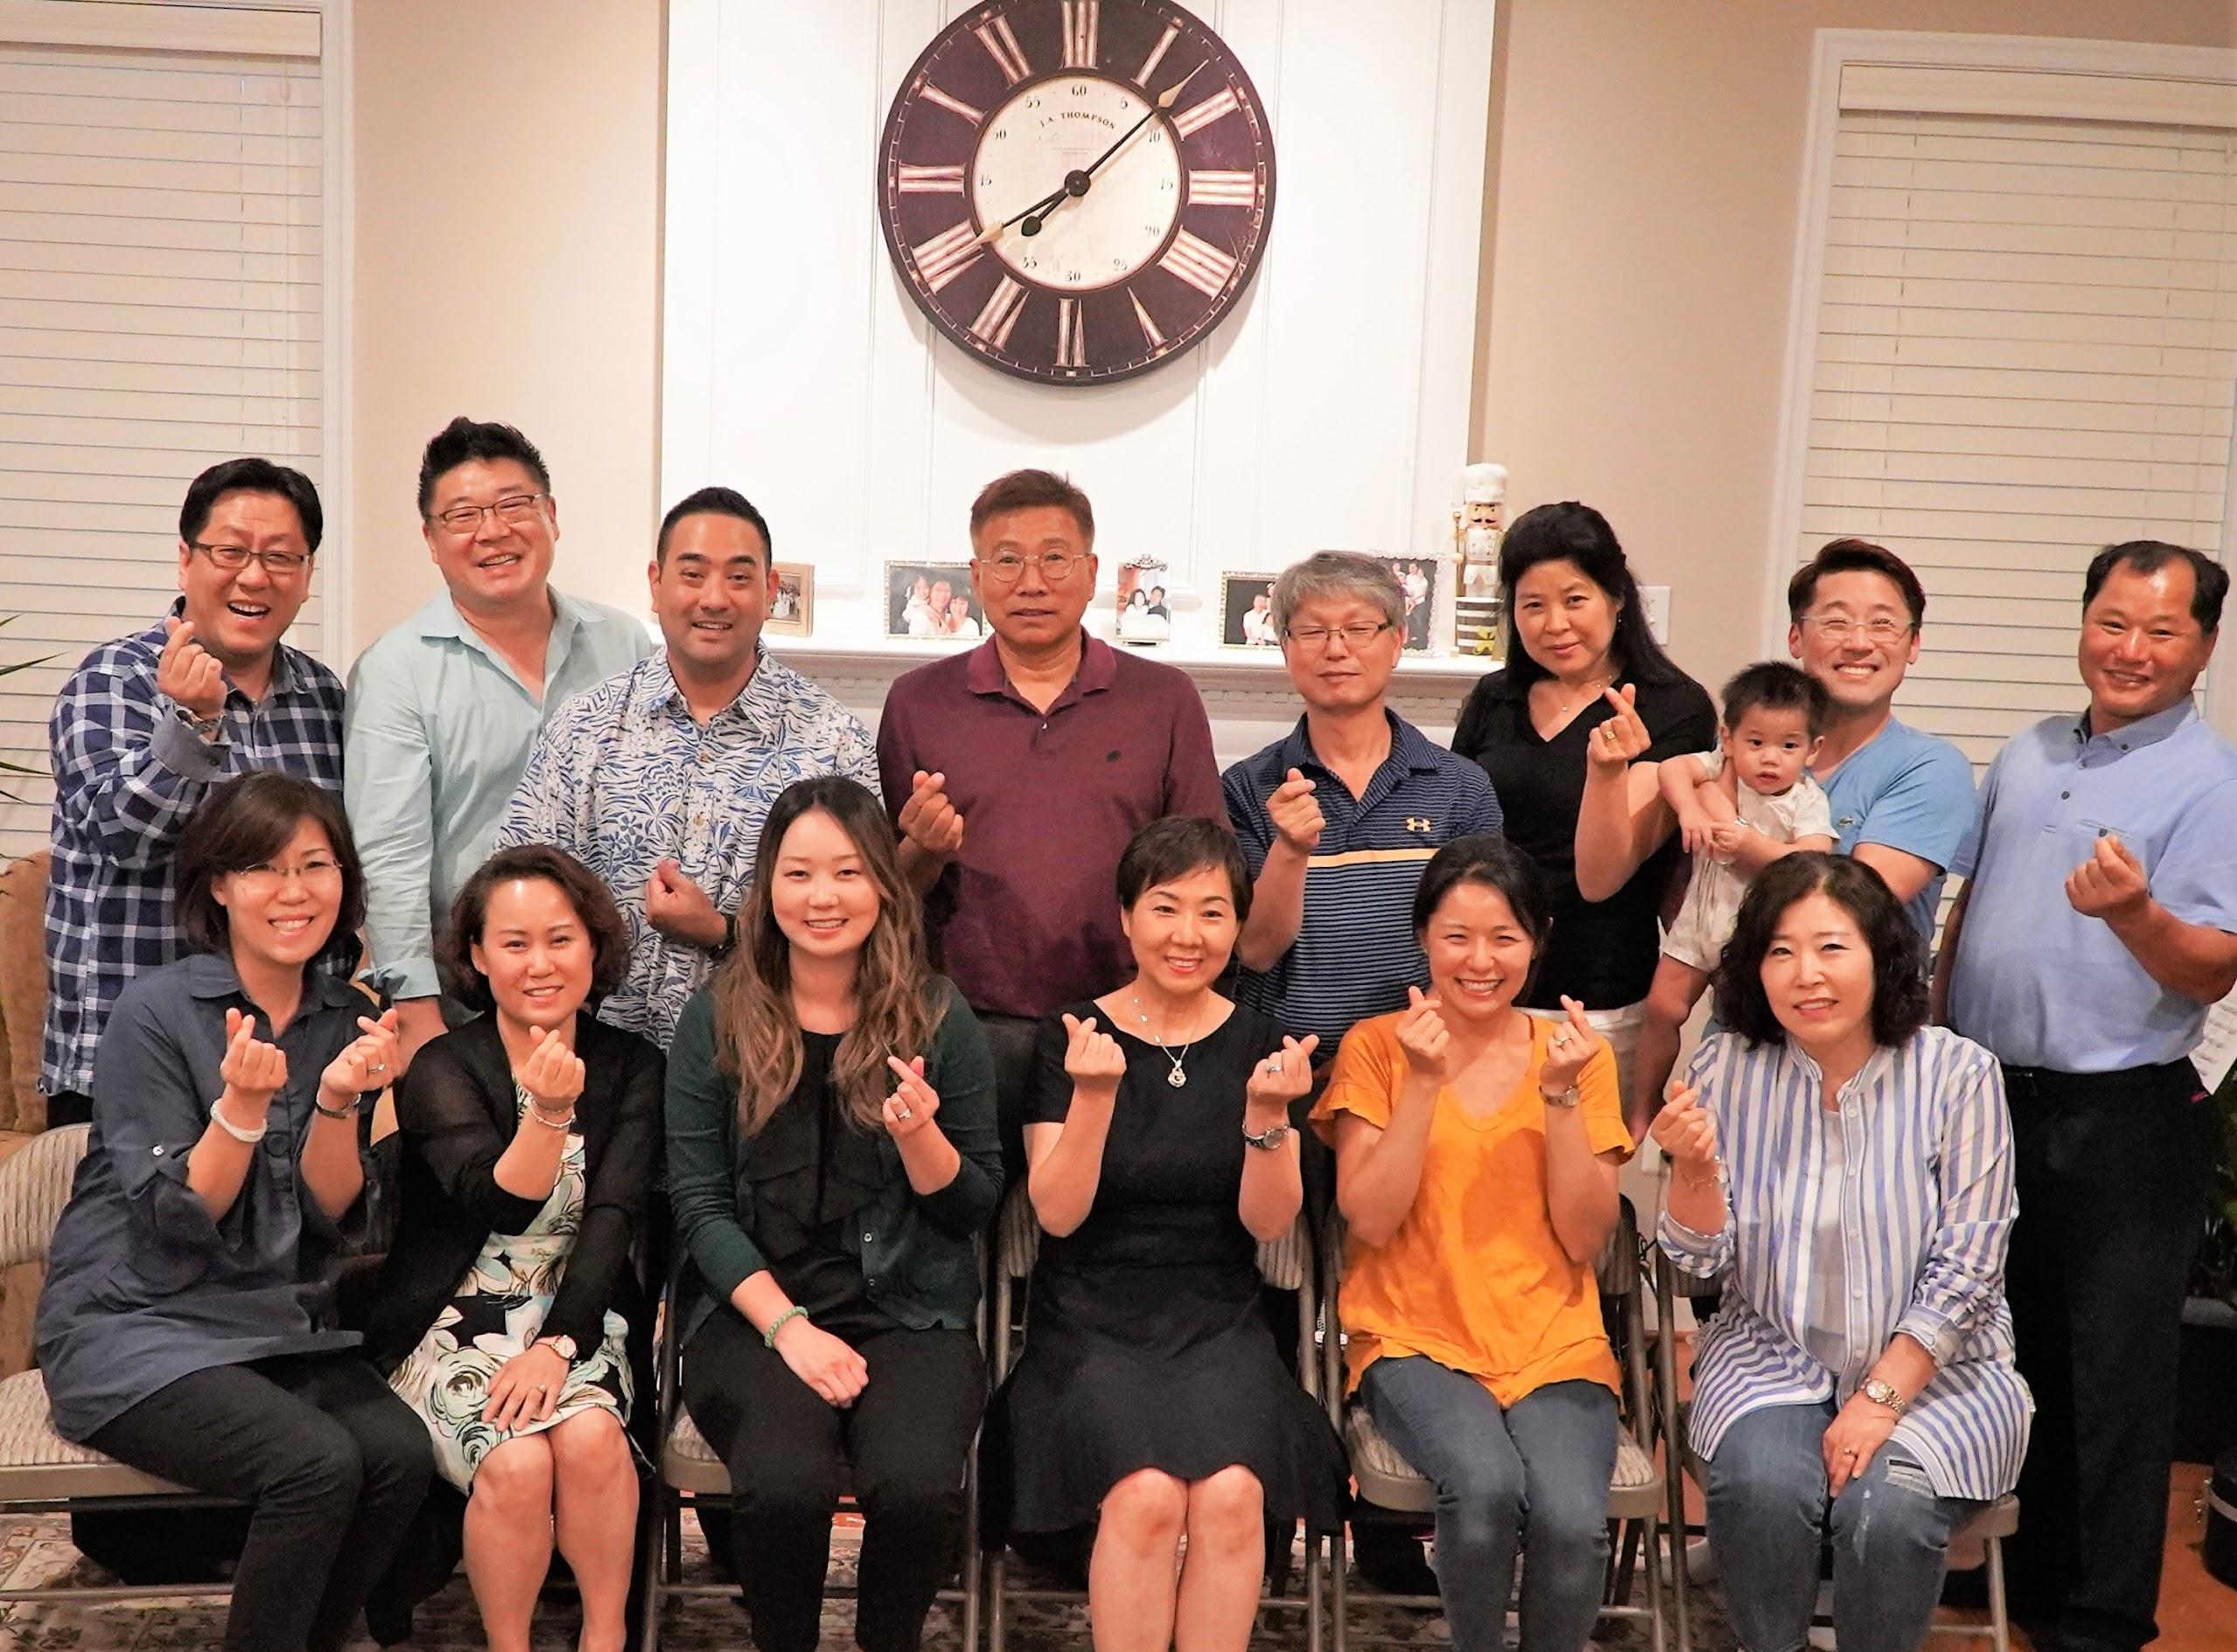 2019년 전반기 새가족환영회